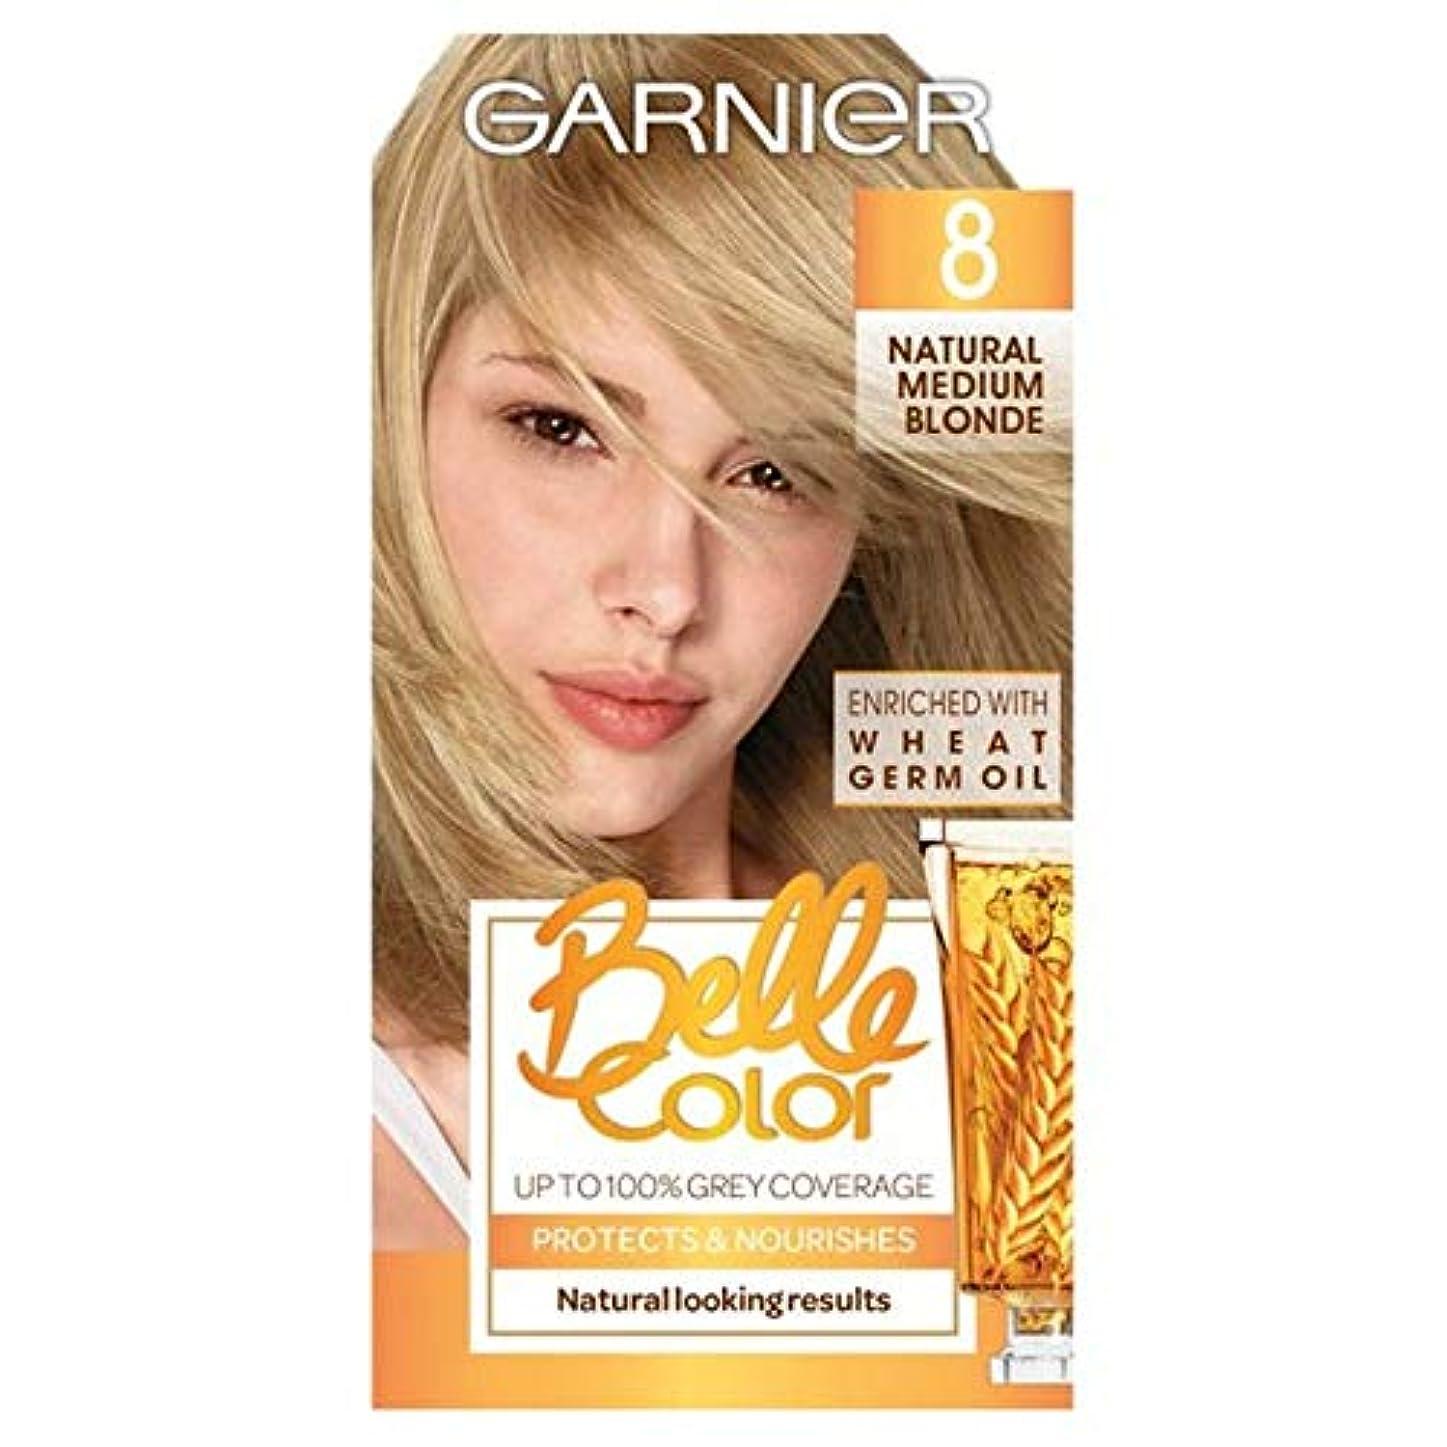 空デジタル説教[Belle Color ] ガーン/ベル/Clr 8天然培地ブロンドパーマネントヘアダイ - Garn/Bel/Clr 8 Natural Medium Blonde Permanent Hair Dye [並行輸入品]